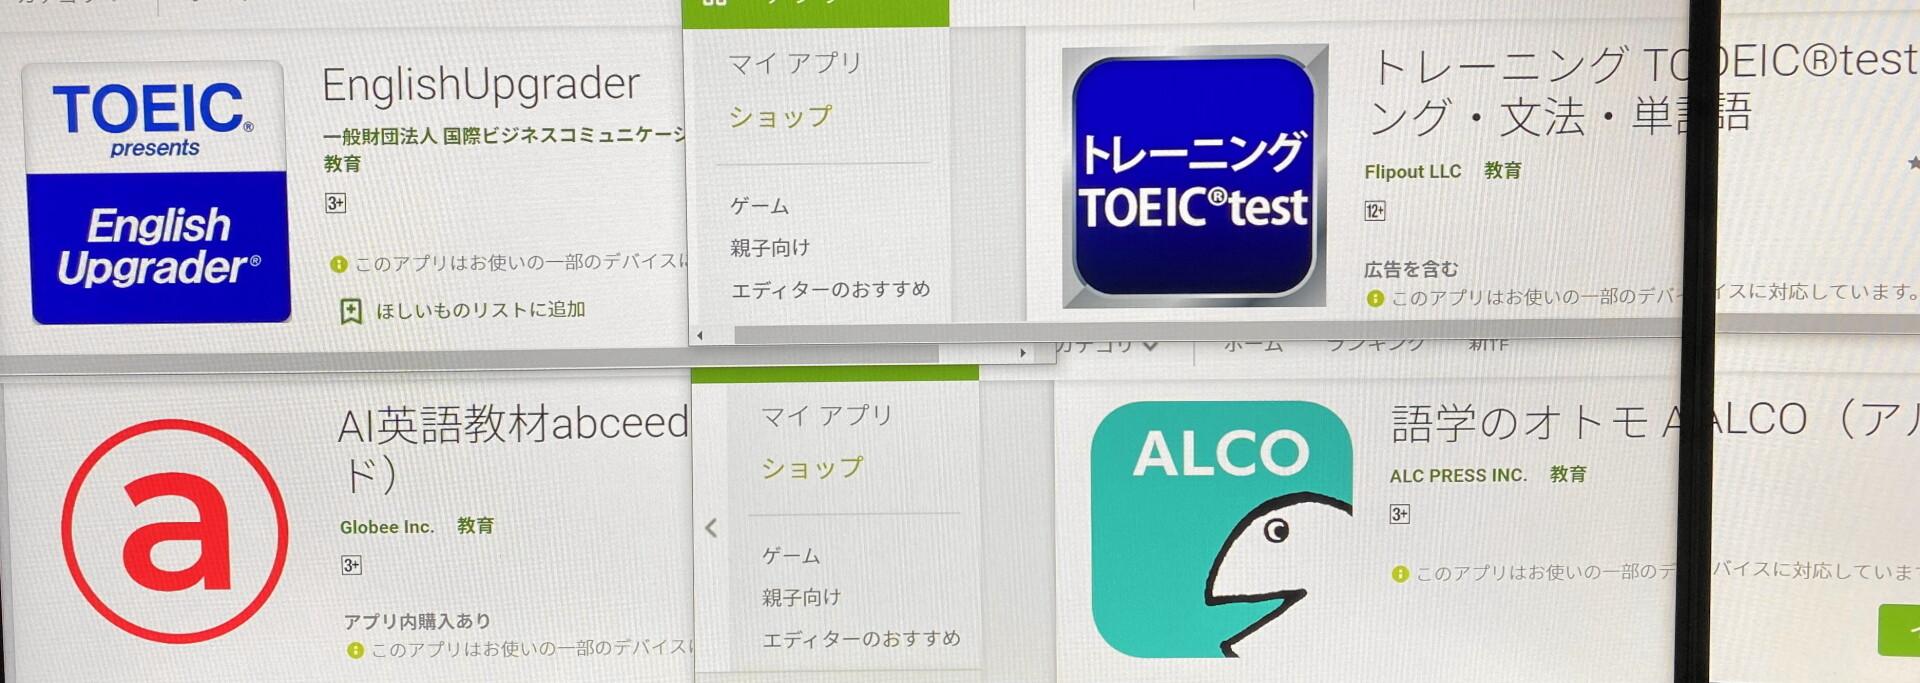 TOEIC対策アプリ例